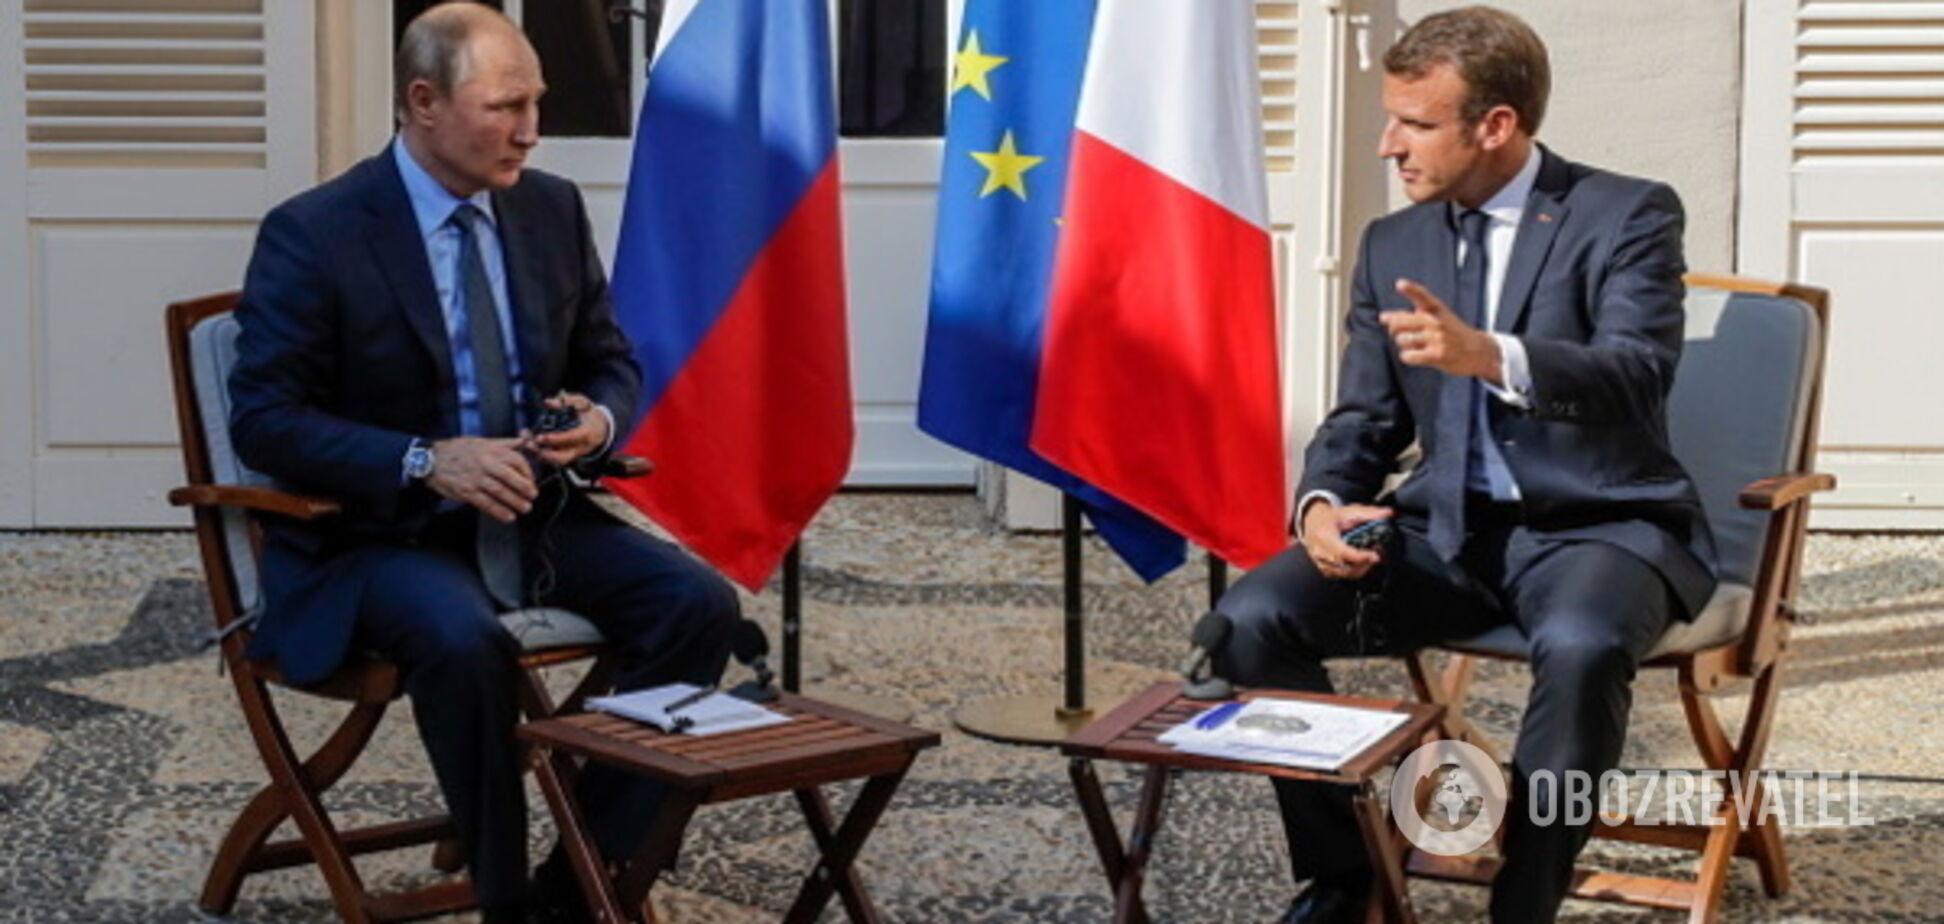 Спочатку мир в Україні! Макрон висунув Путіну жорстку умову